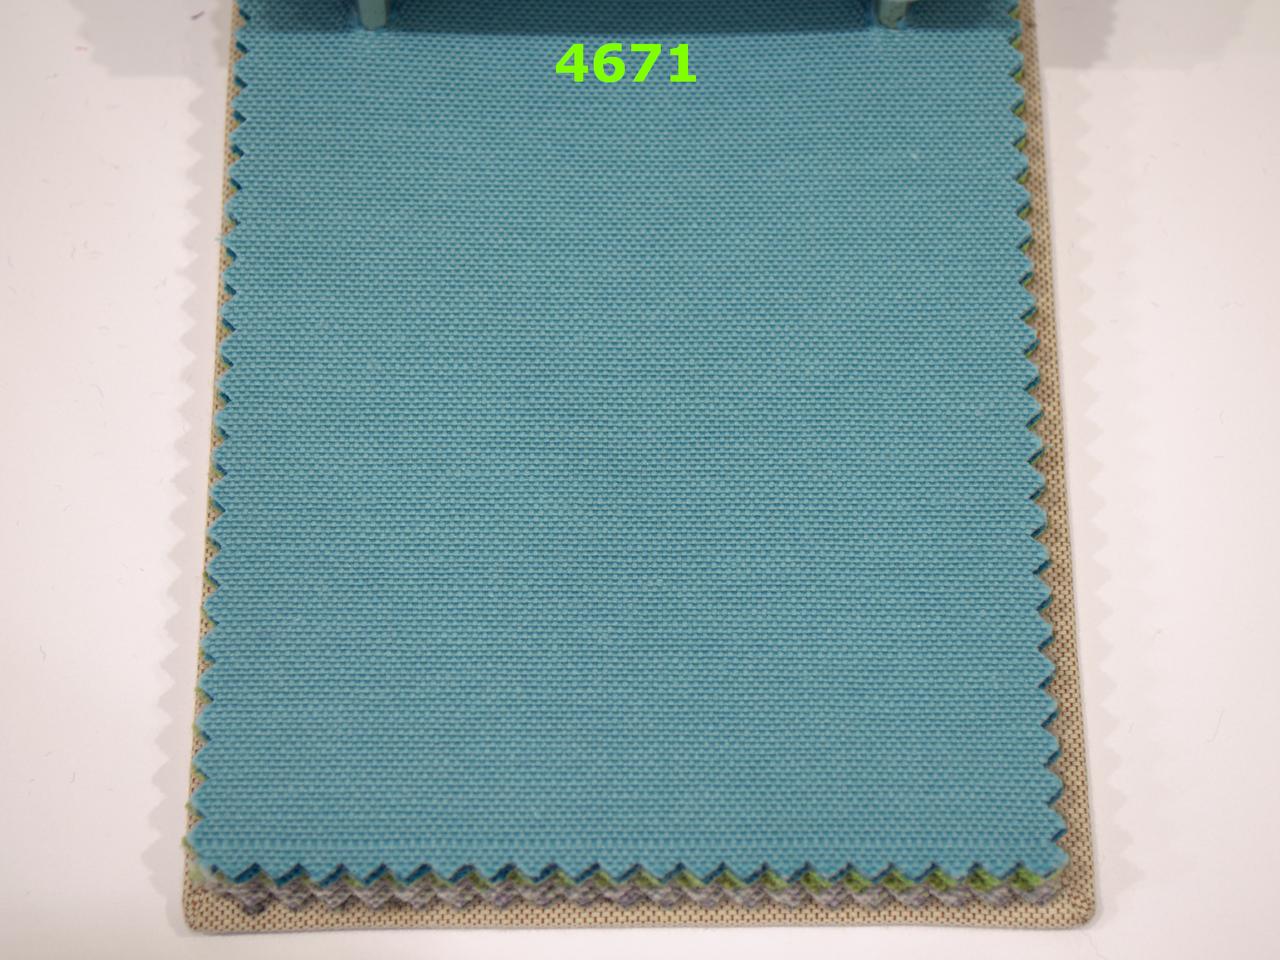 Тканина для Скатертин Блакитна Бірюза з просоченням Тефлон-180 Однотонна Туреччина 180см